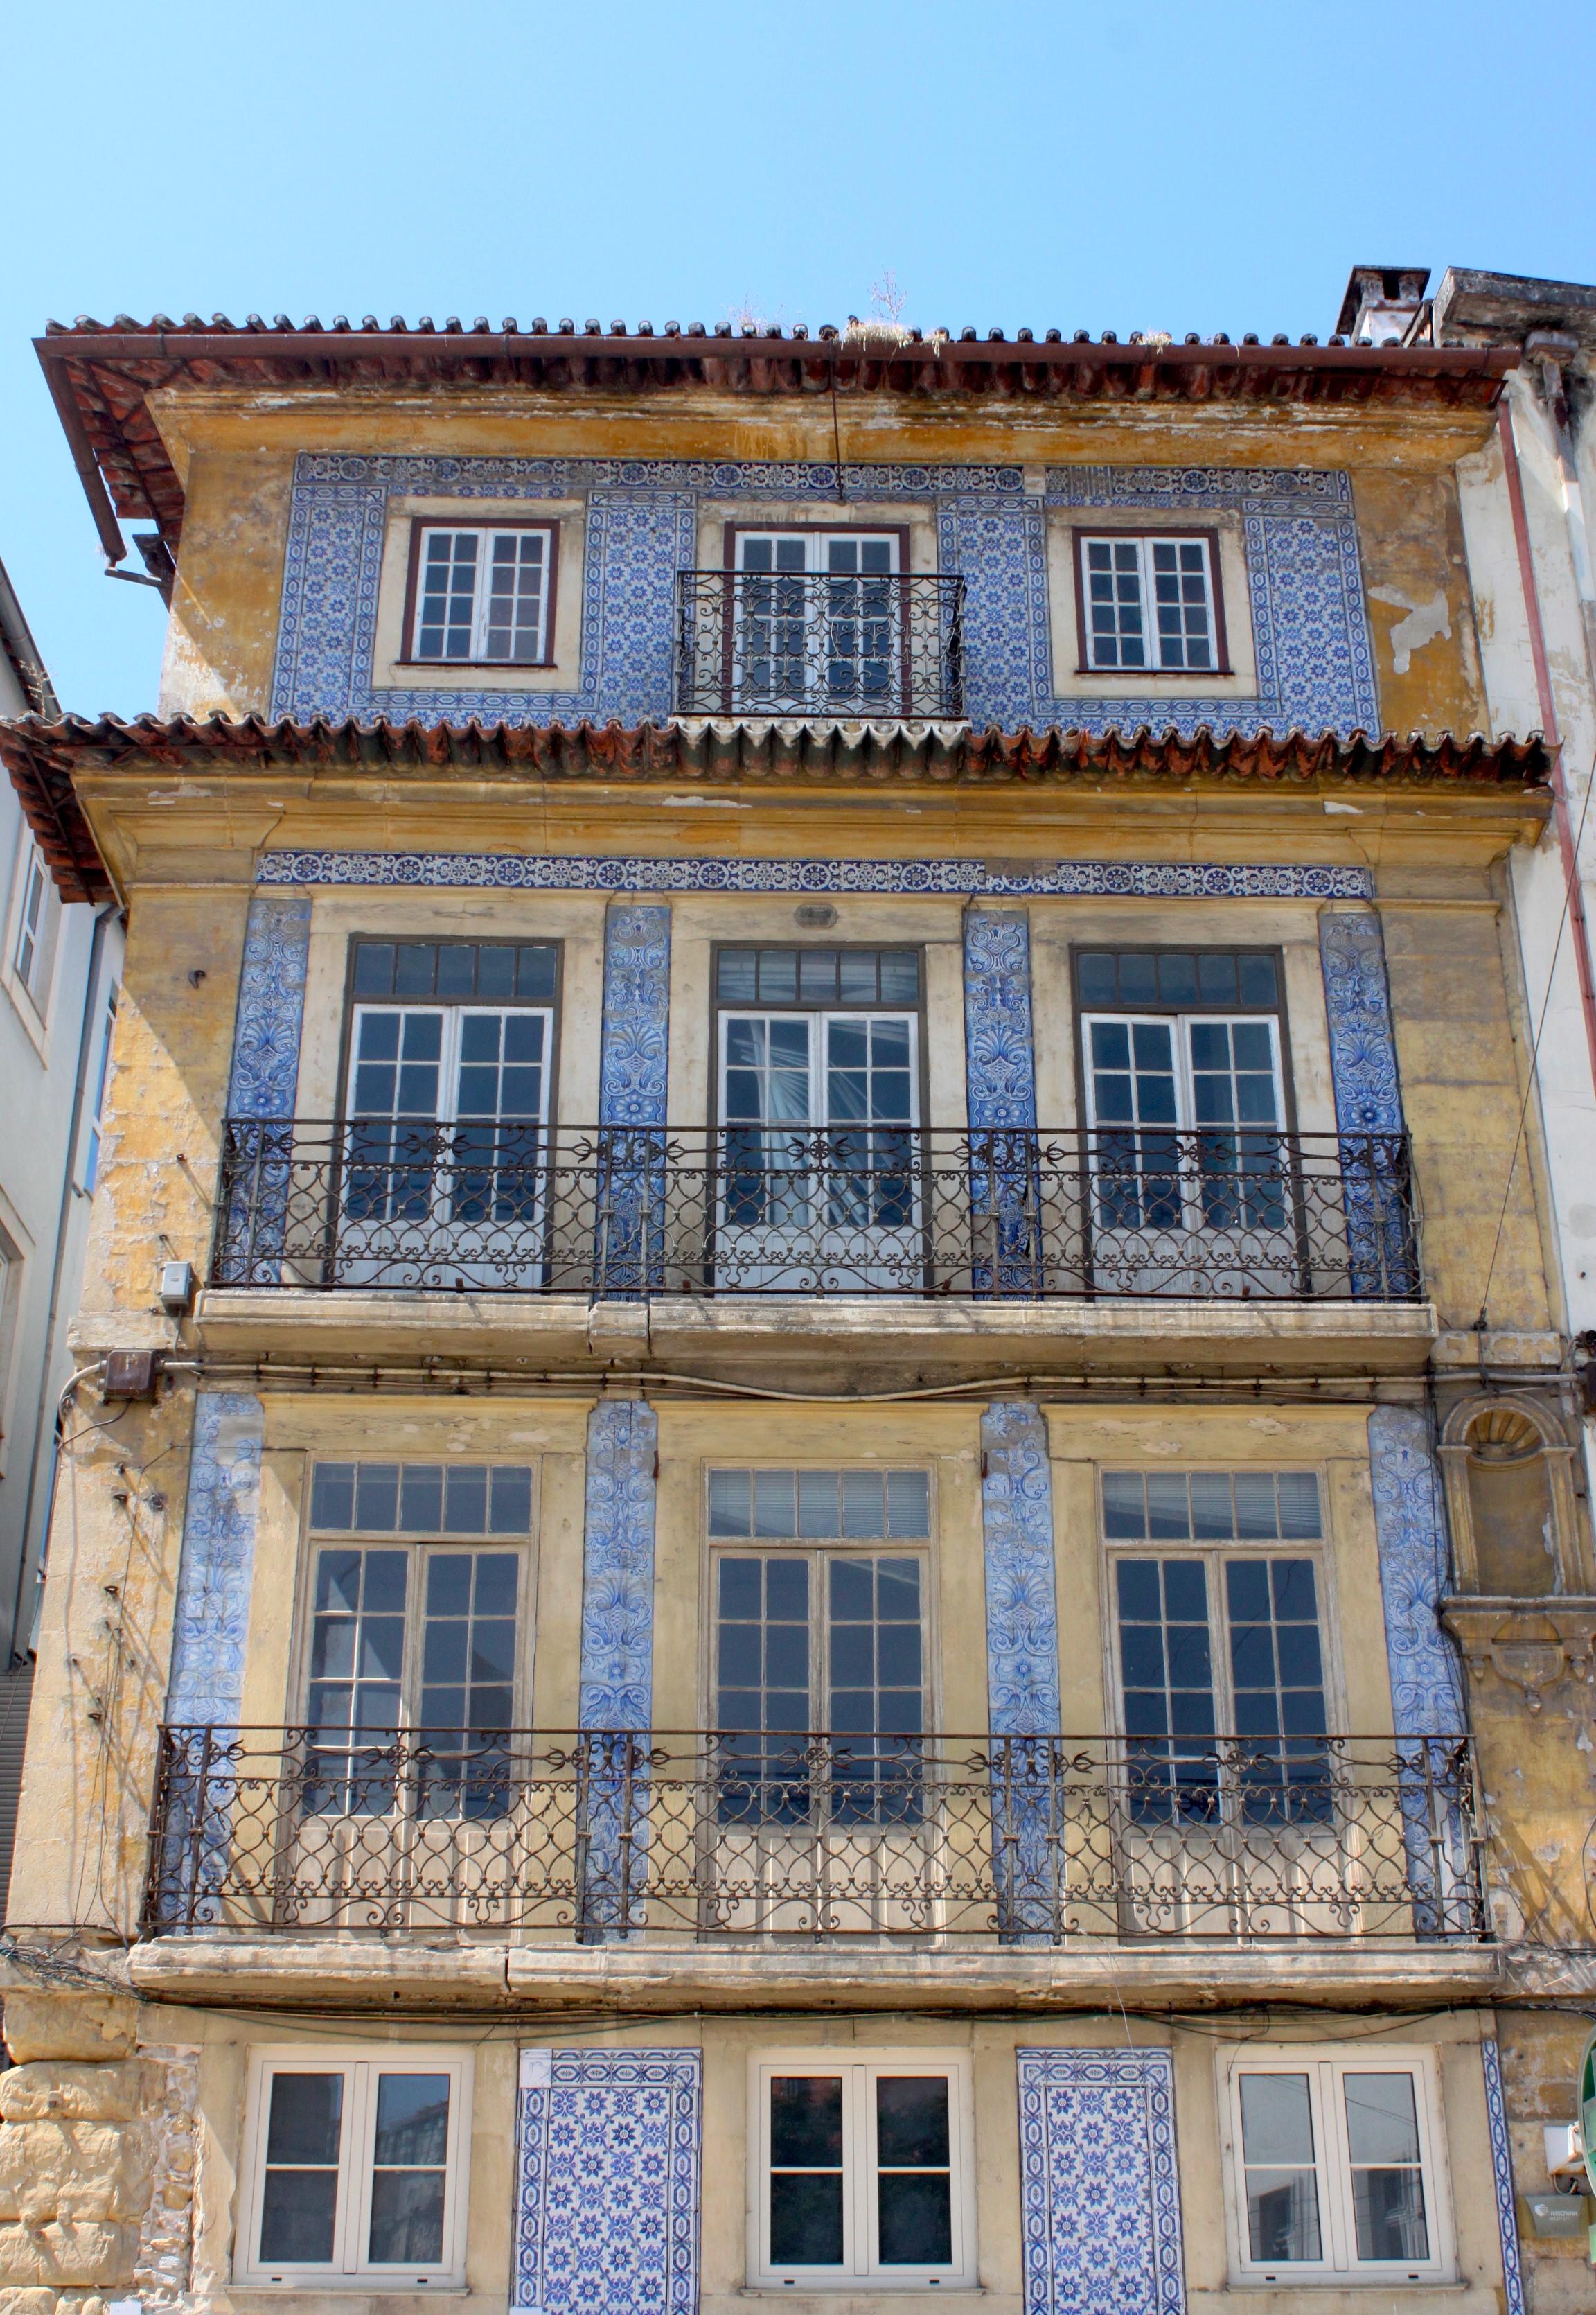 Azulejos dappertutto, che non sei in Portogallo senza